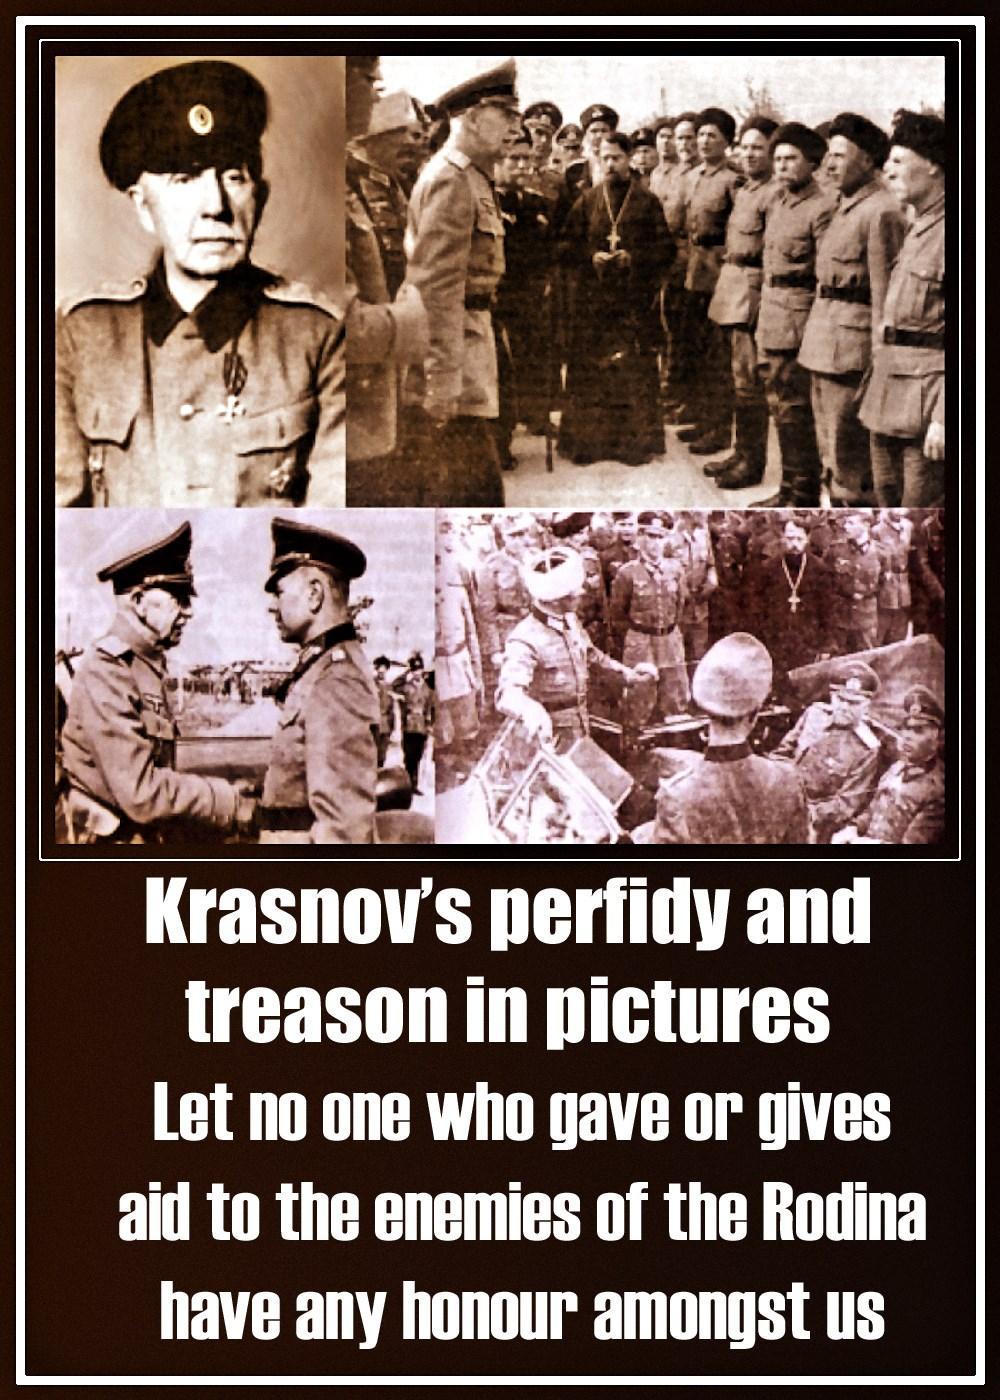 00 krasnov's perfidy and treason. 250715